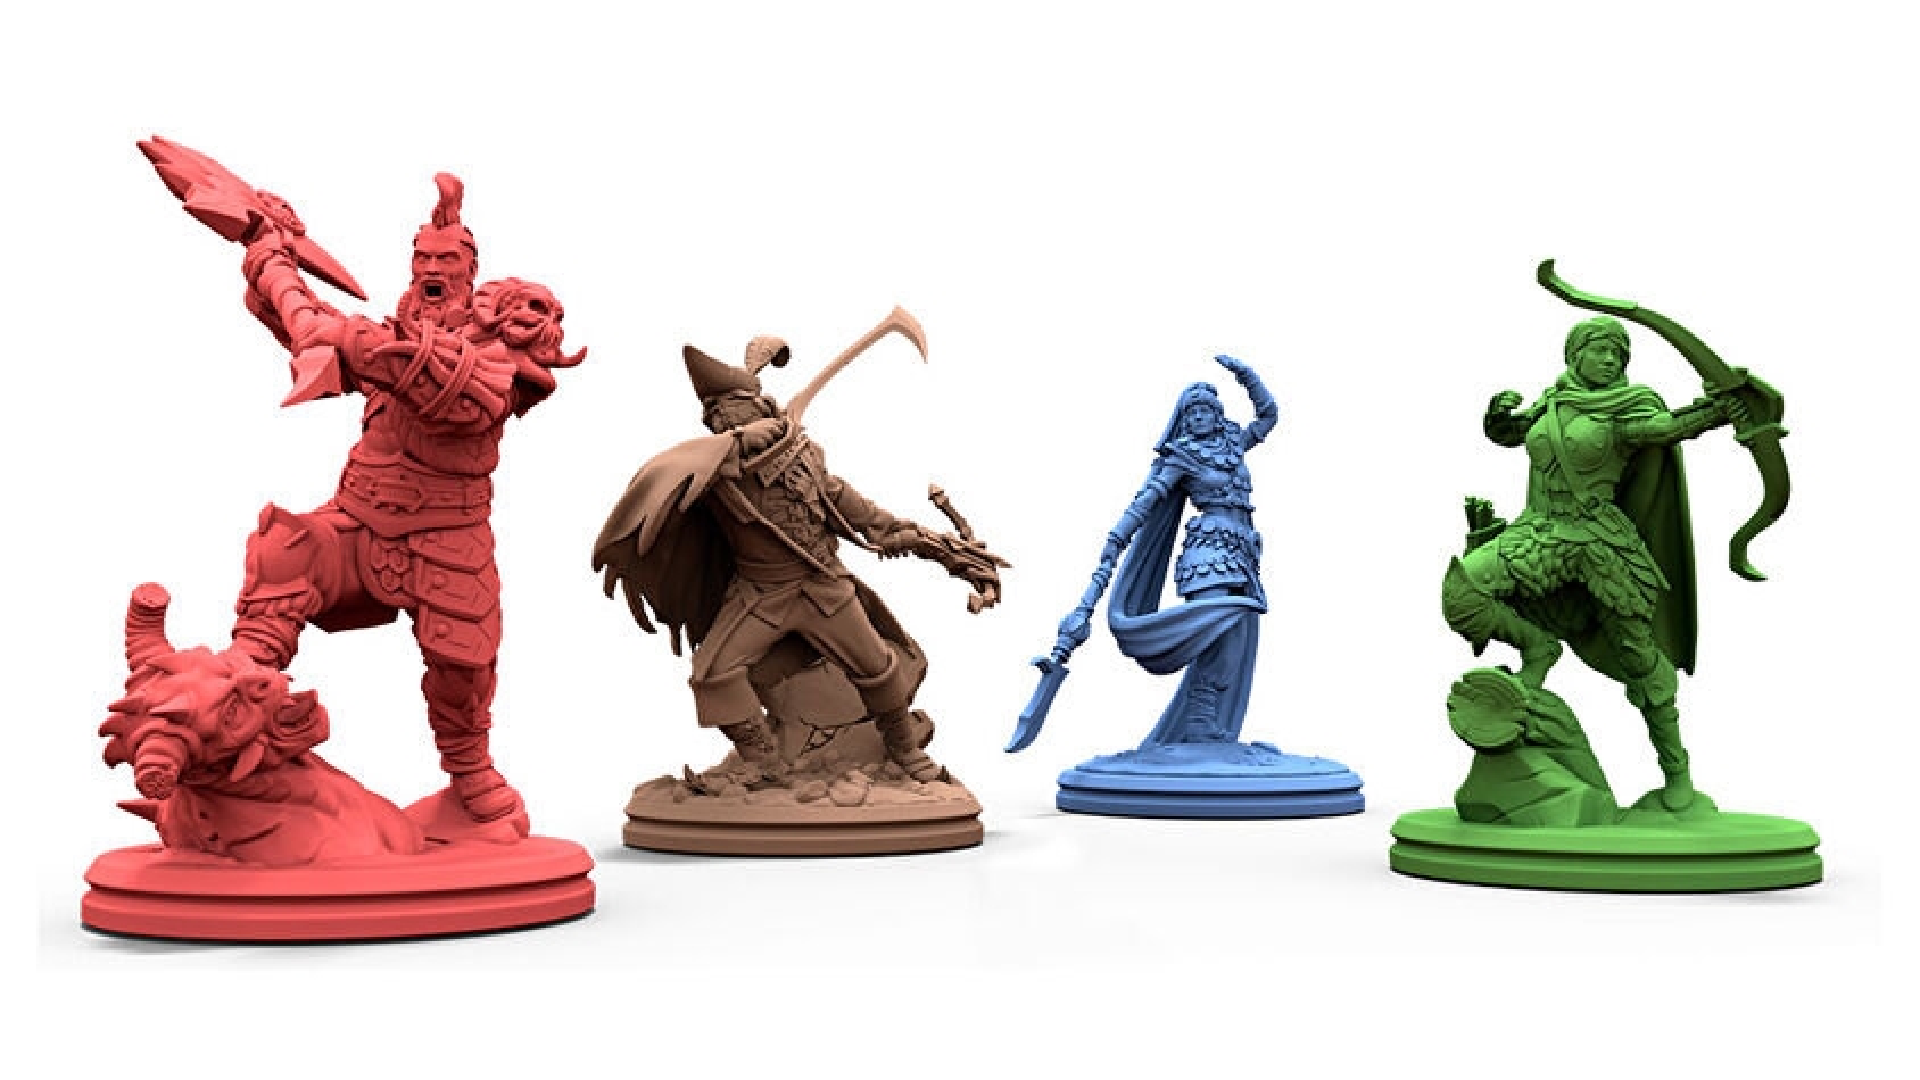 Sanctum board game miniatures